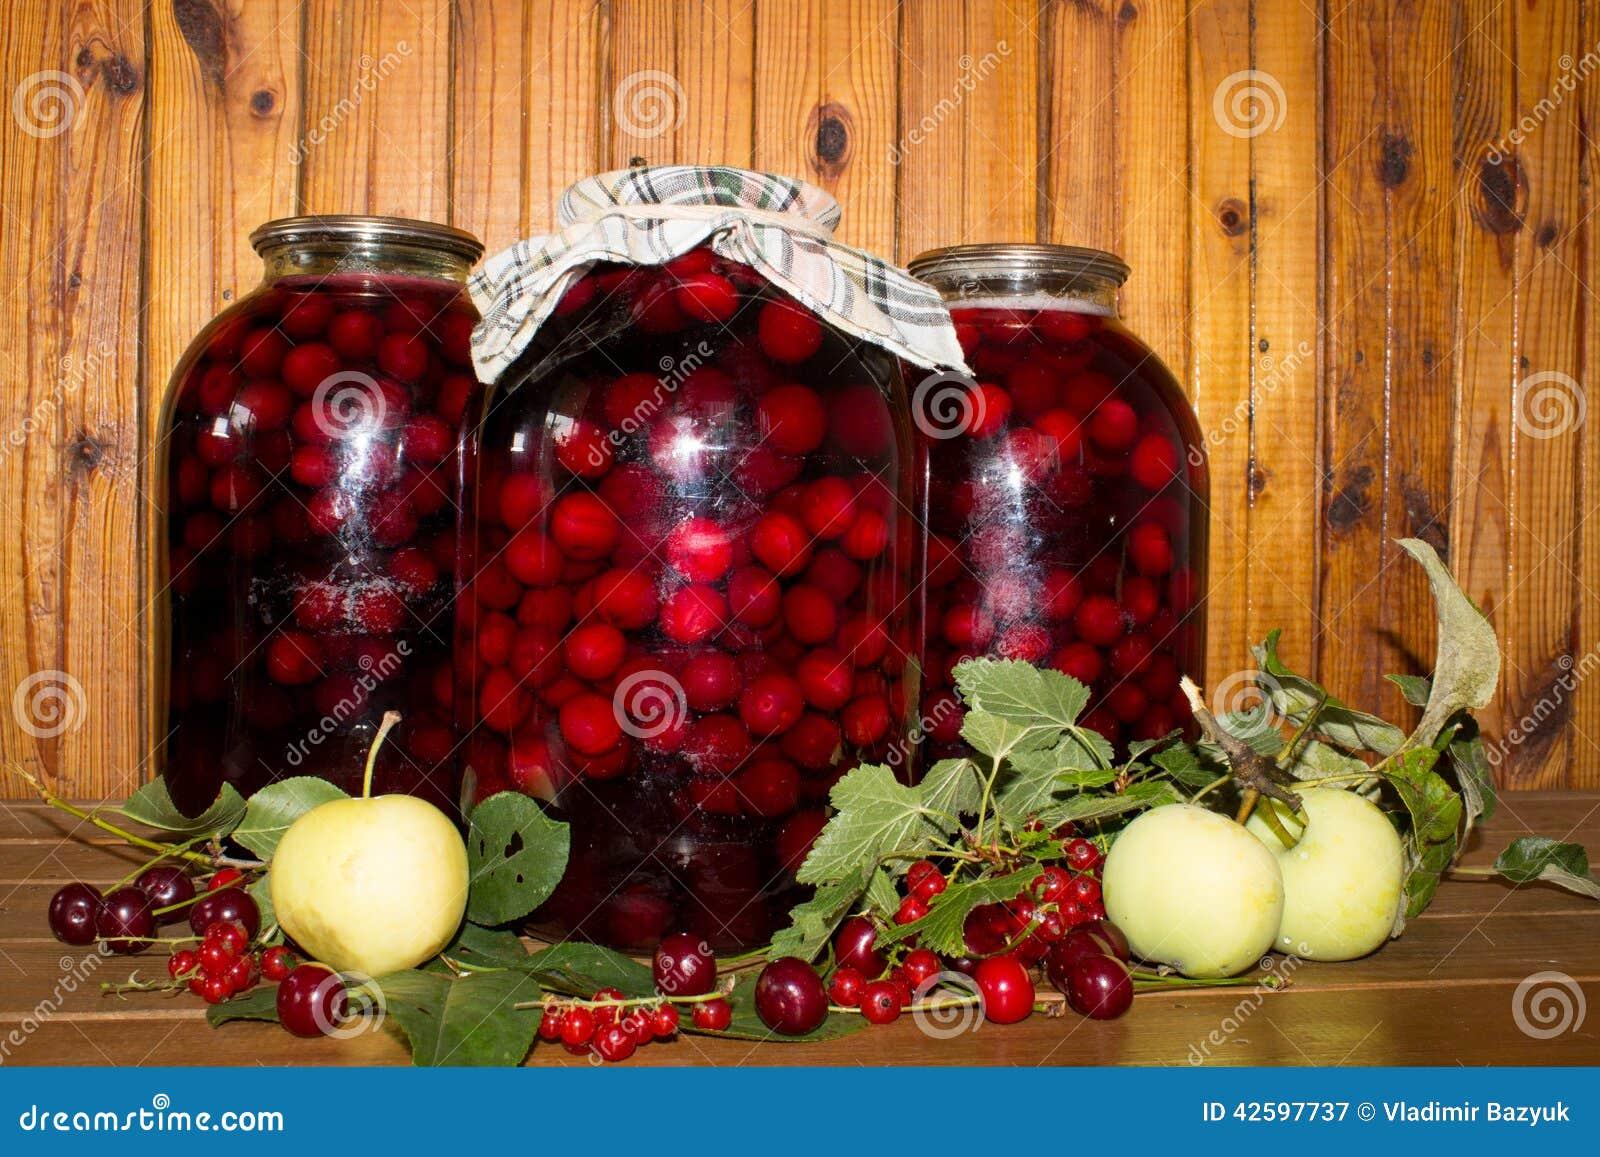 Kirsche in Büchsen konserviert